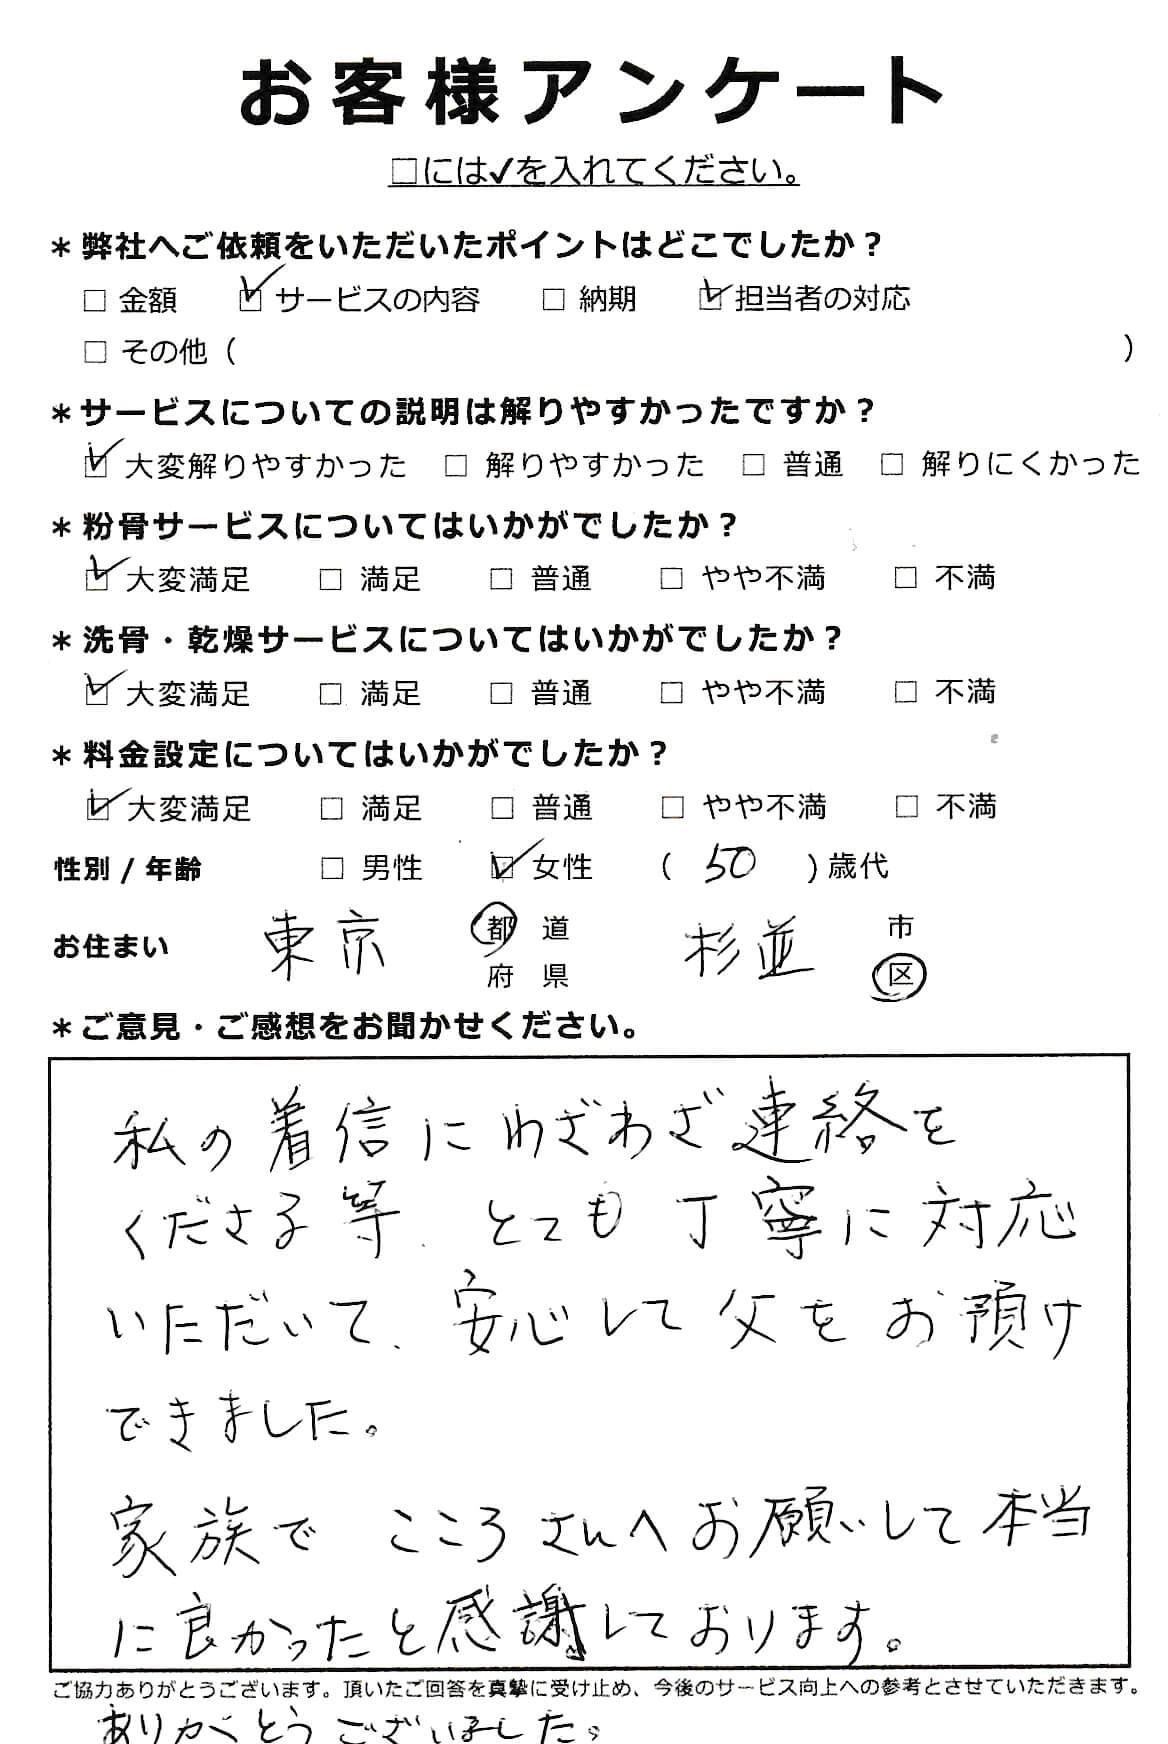 東京都杉並区での粉骨・散骨サービス